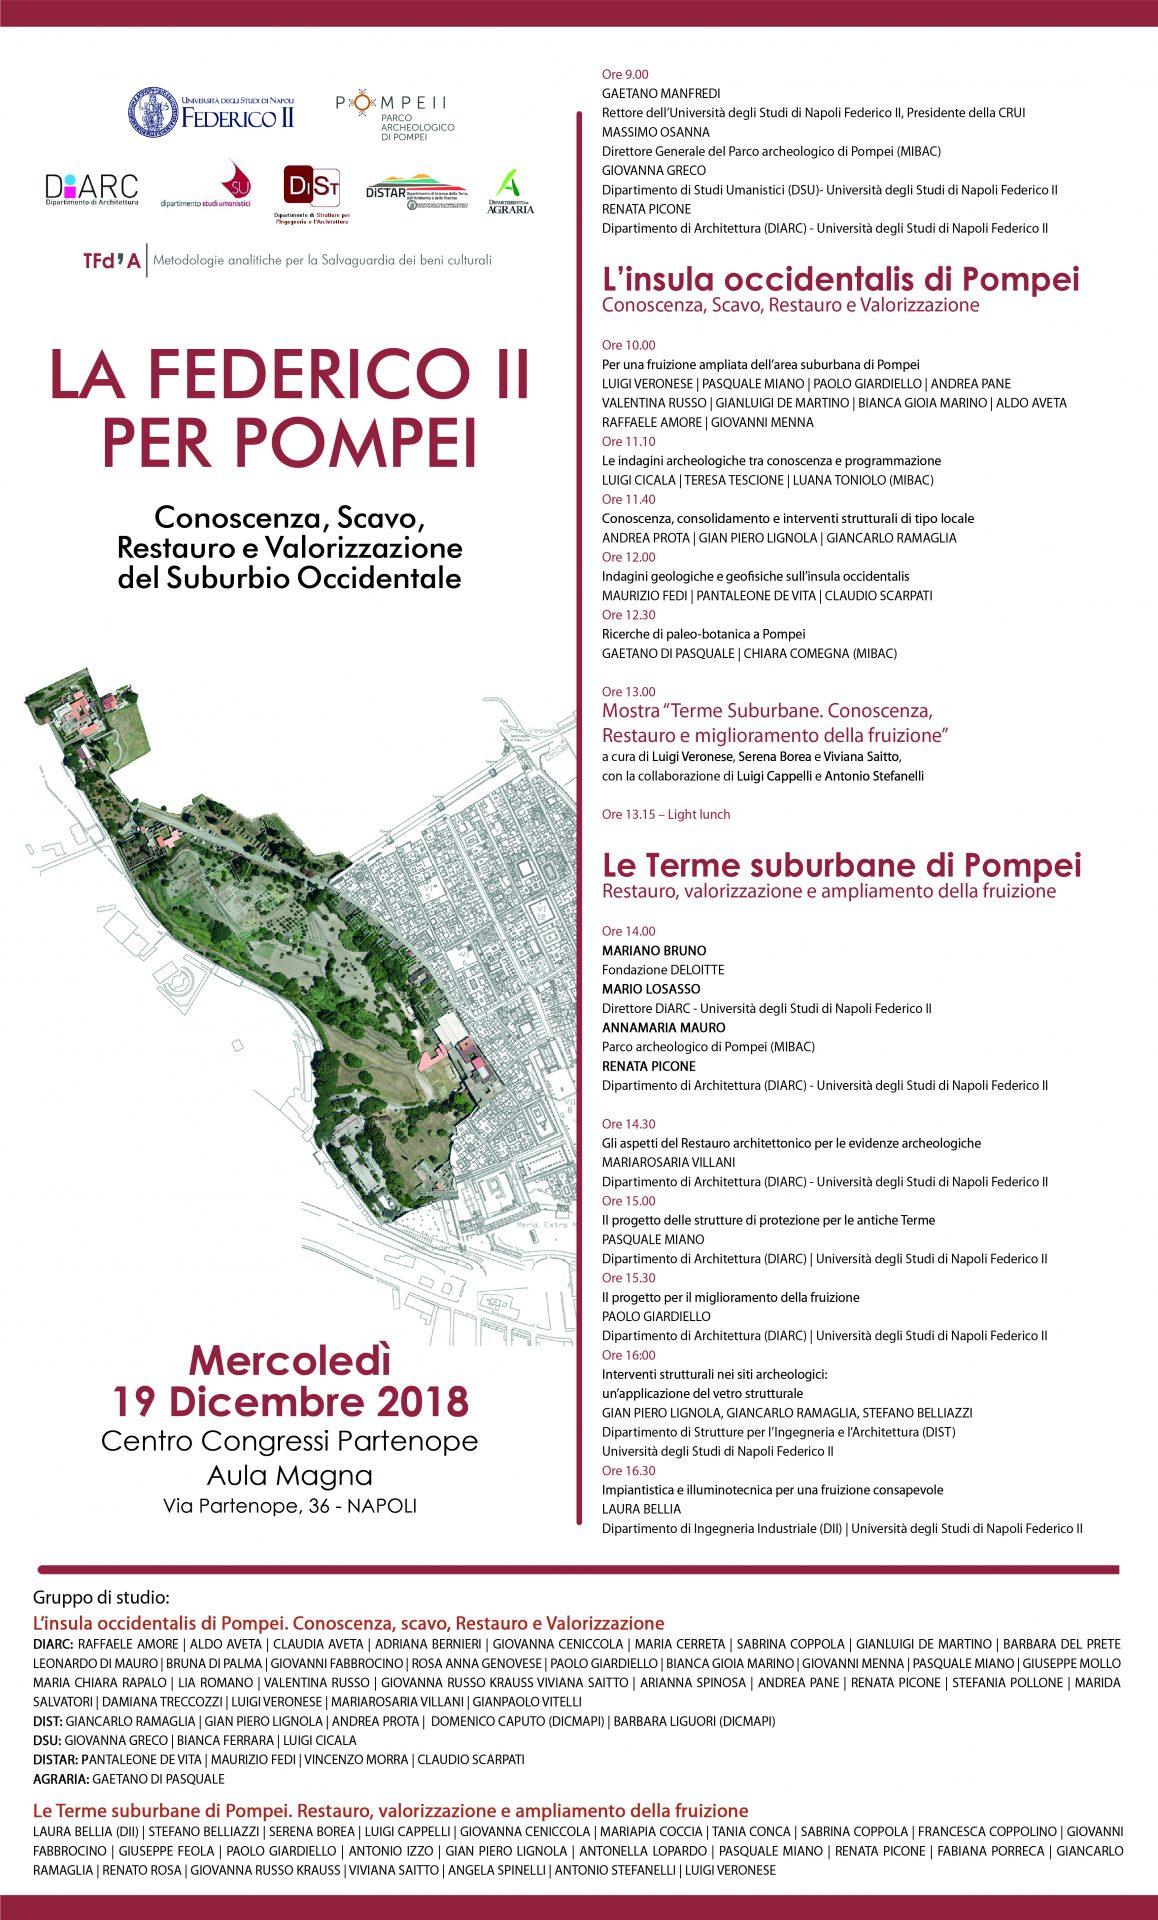 """""""La Federico II per Pompei. Conoscenza, scavo, restauro e valorizzazione del Suburbio Occidentale"""""""